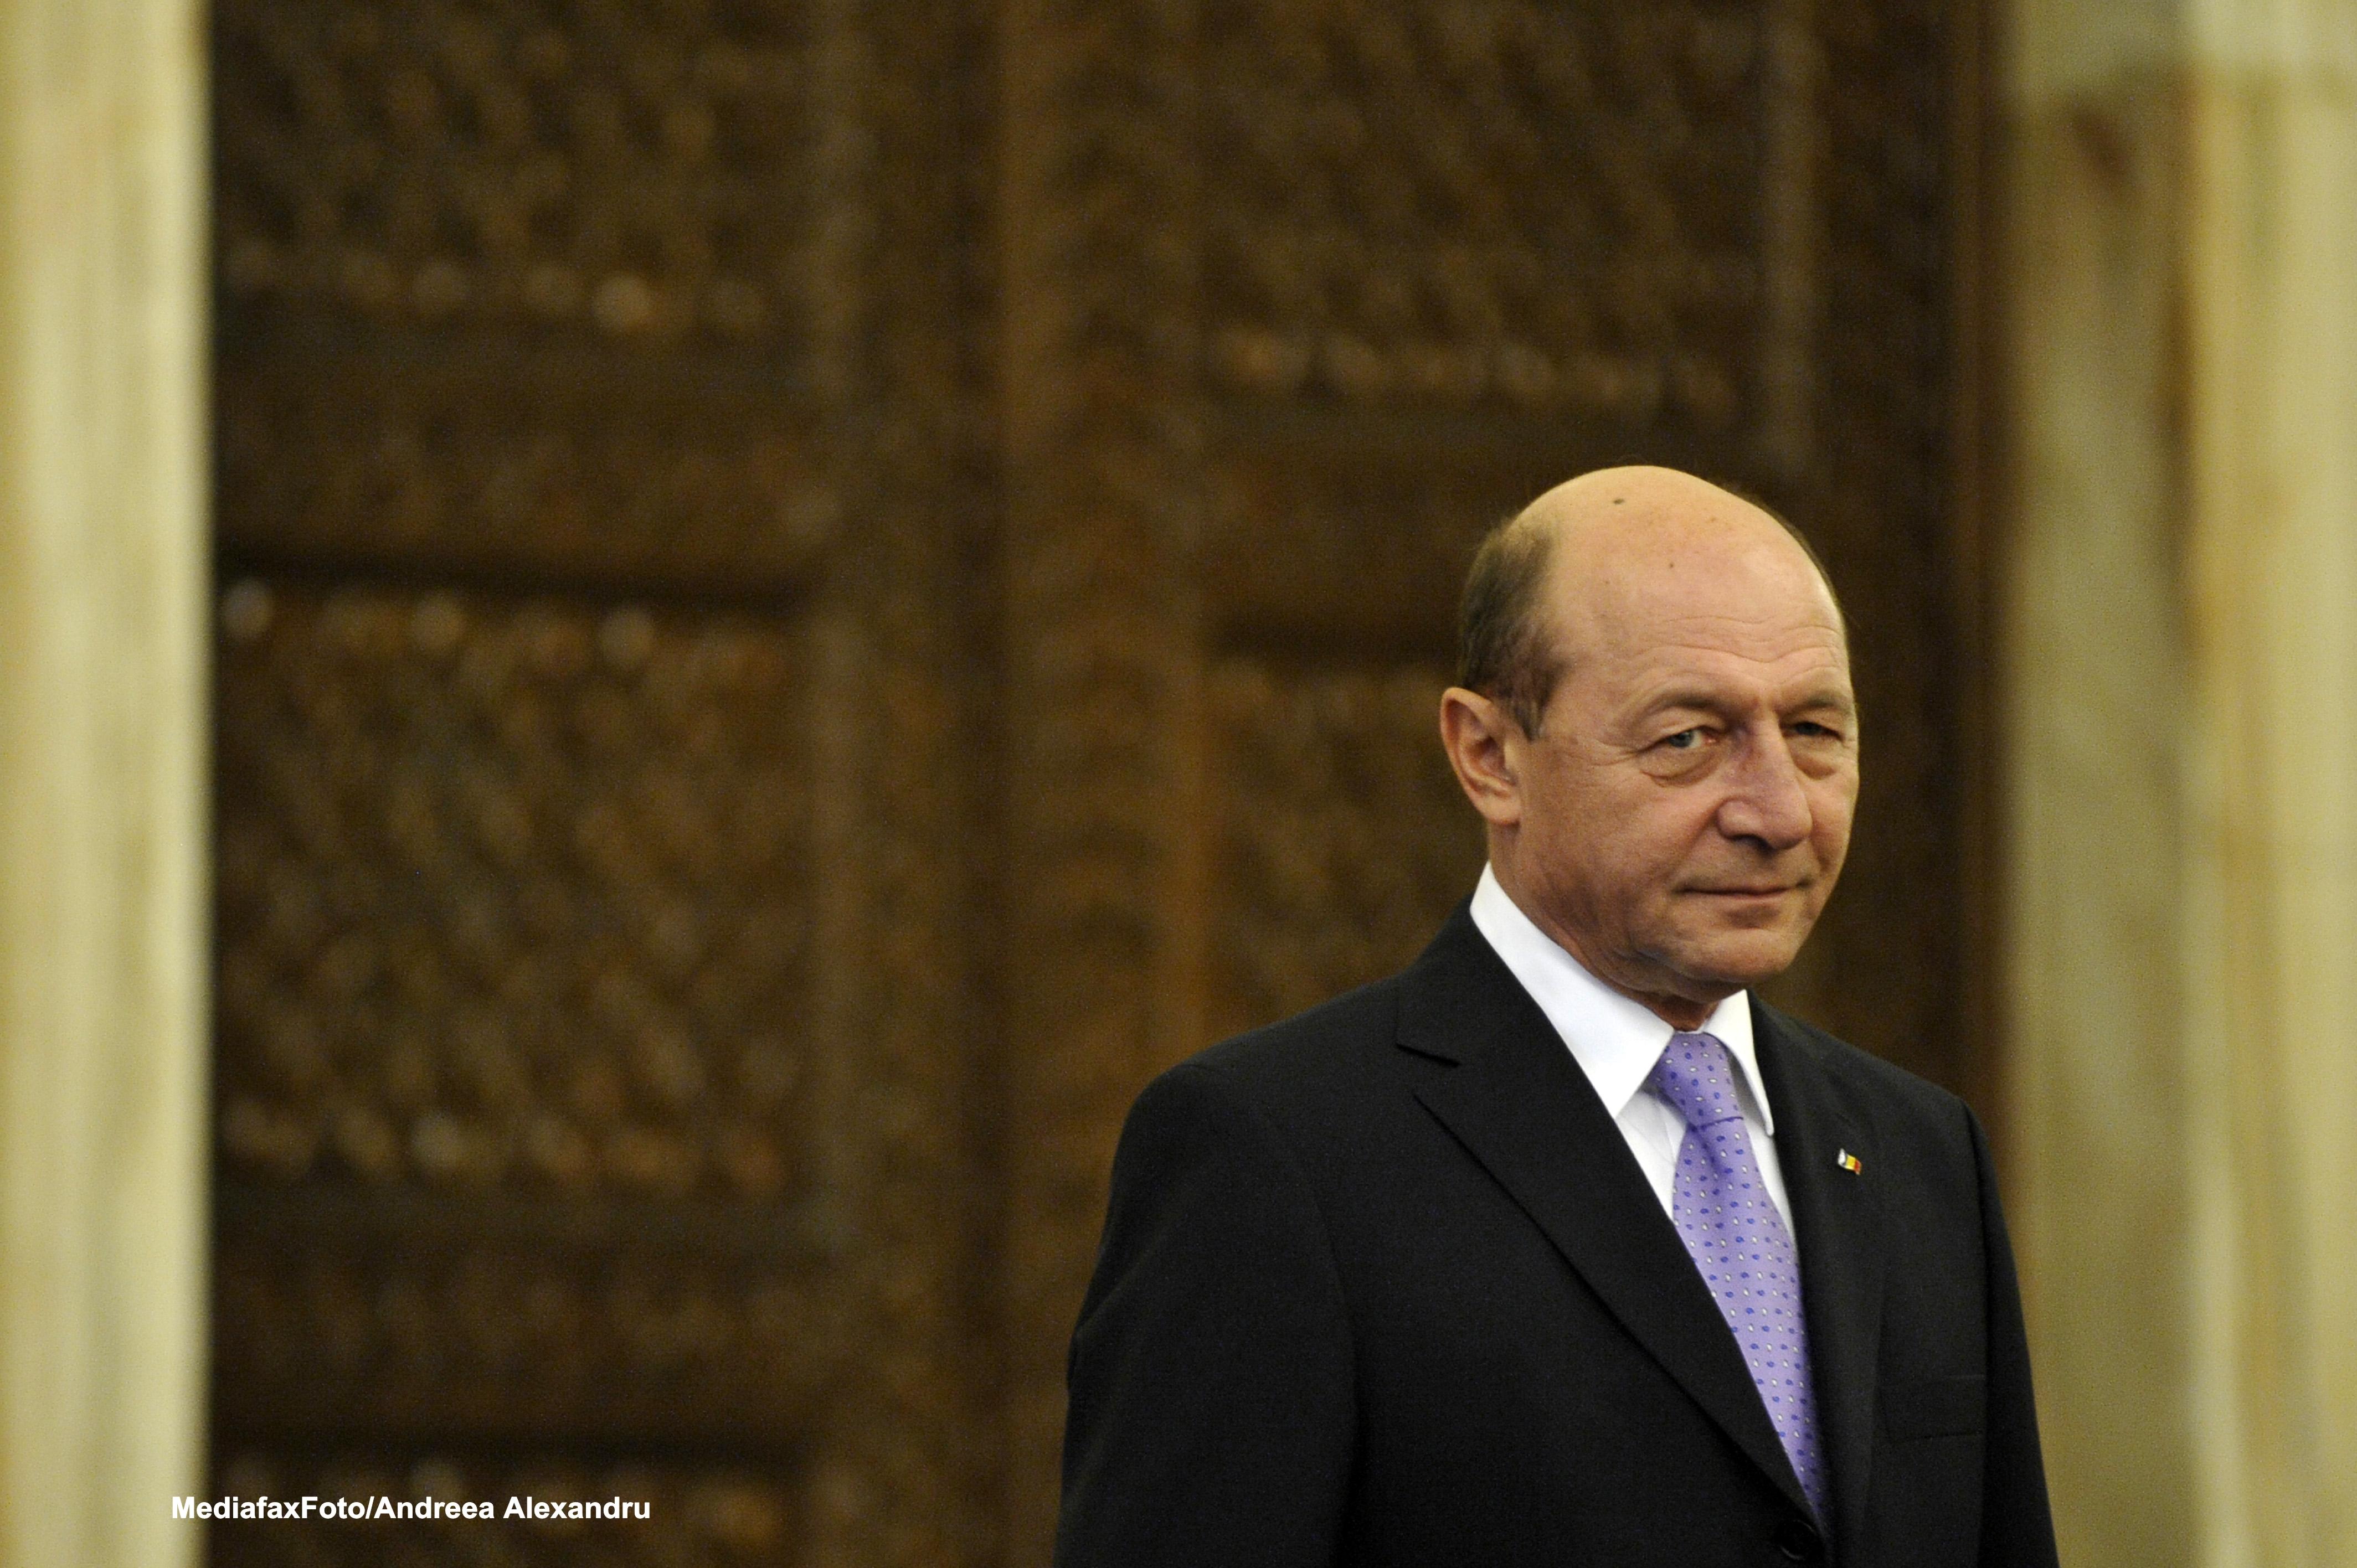 Traian Basescu insista pentru doar 300 de parlamentari. Scrisoarea trimisa catre Valeriu Zgonea